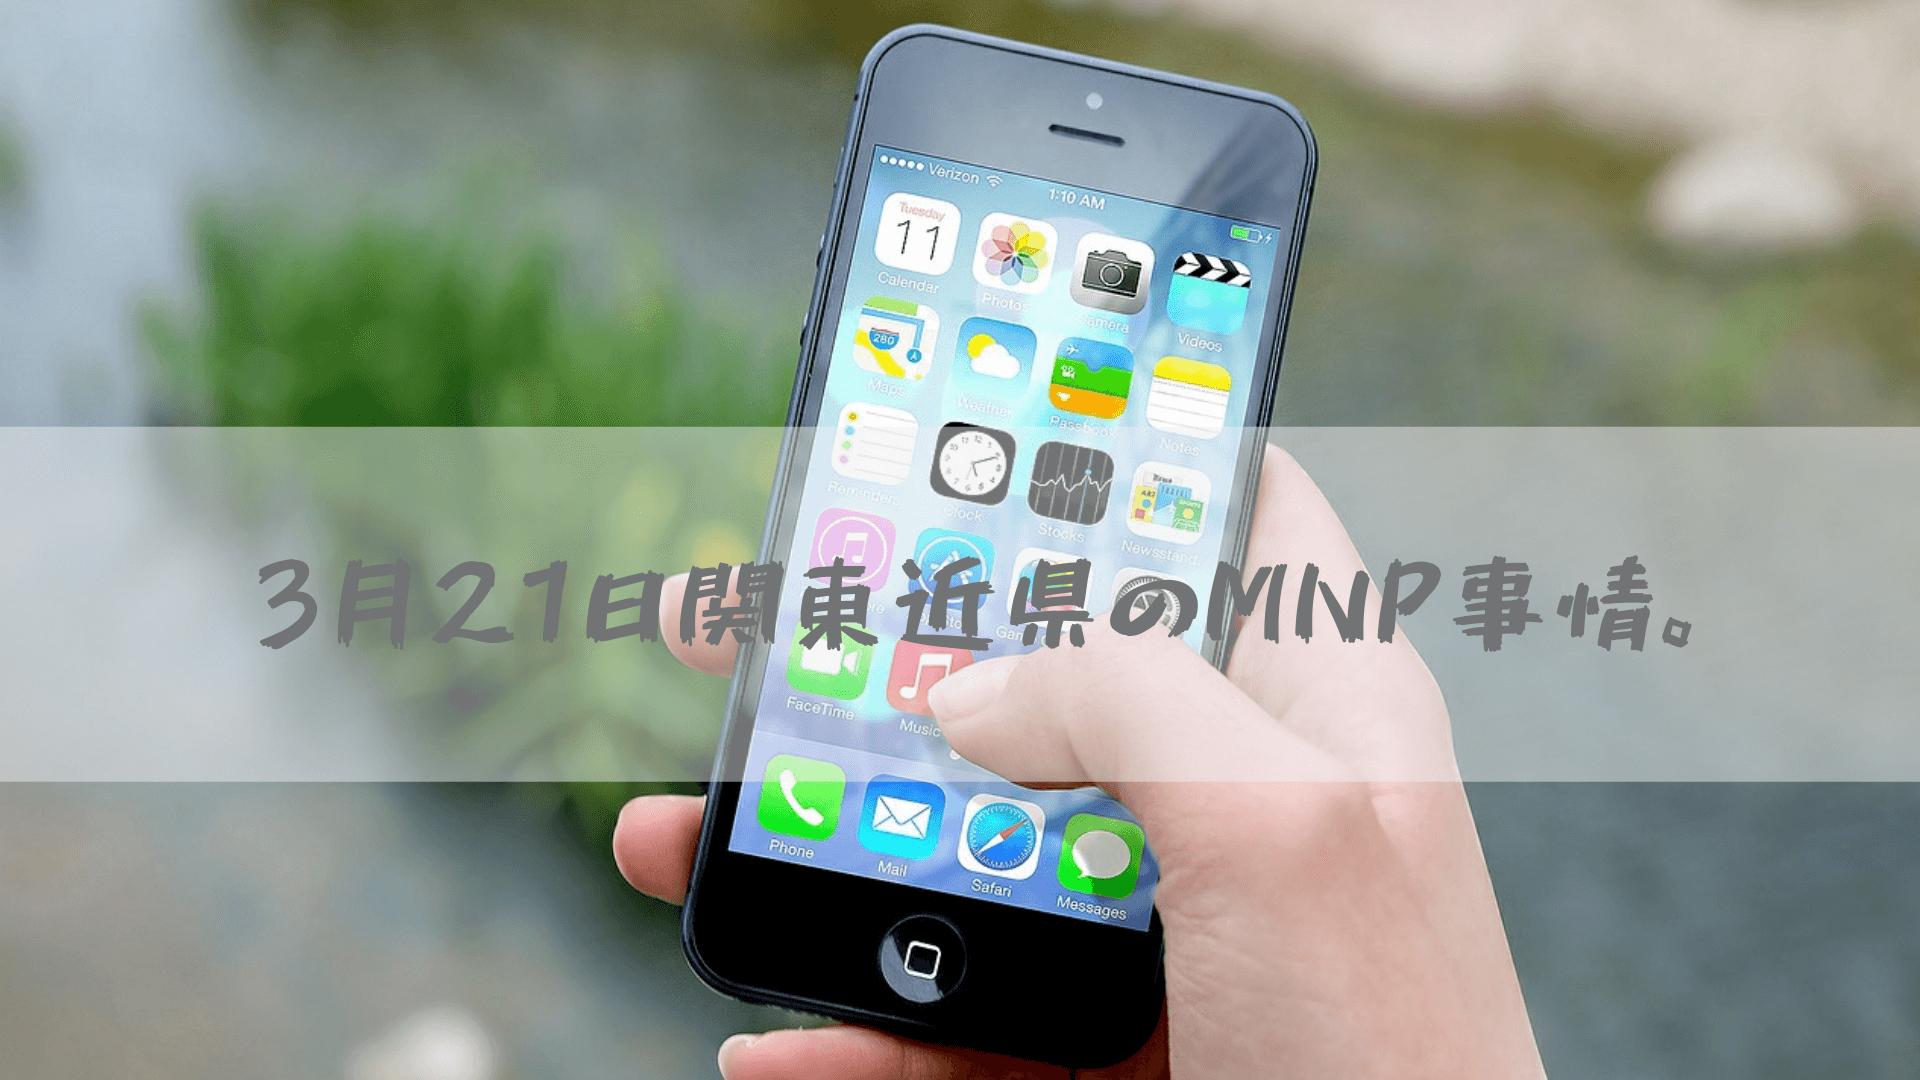 3月21日関東近県のMNP事情。